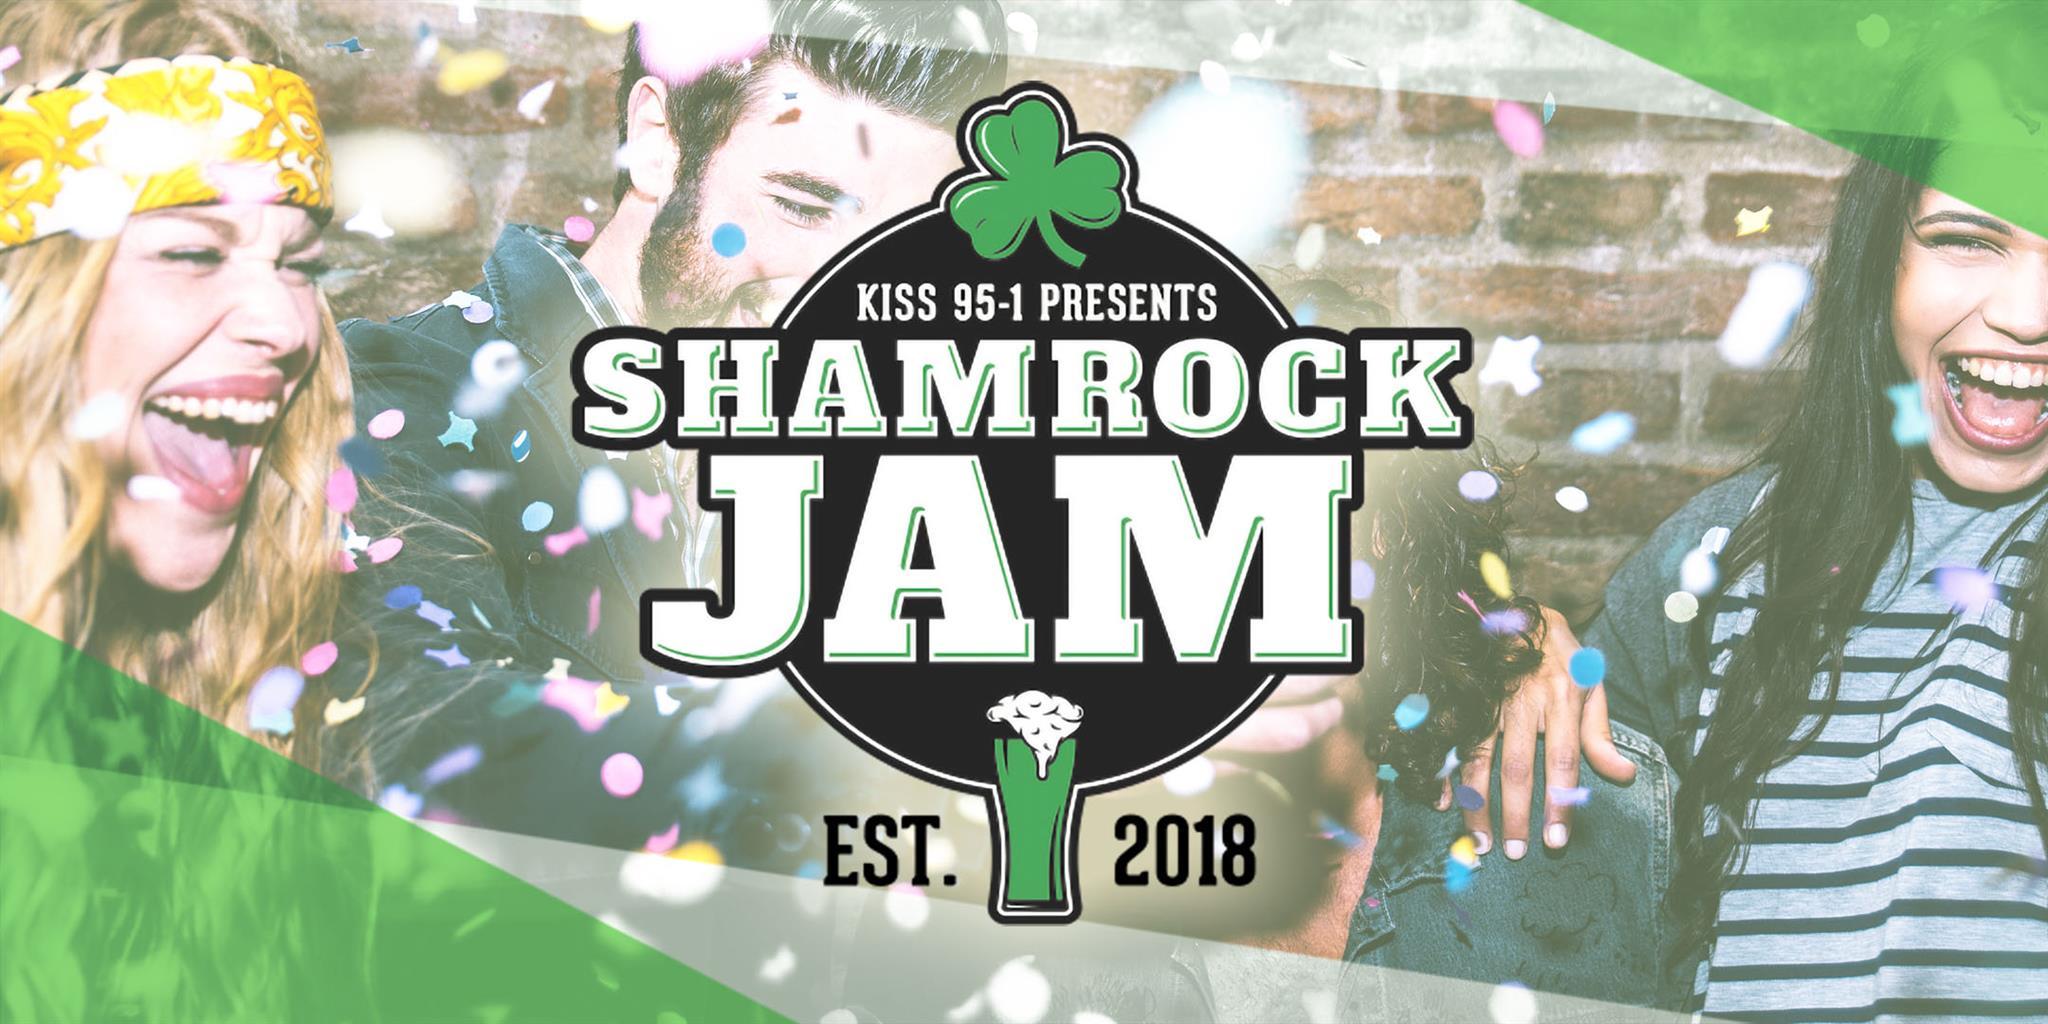 shamrock-jam-charlotte-nc.jpg